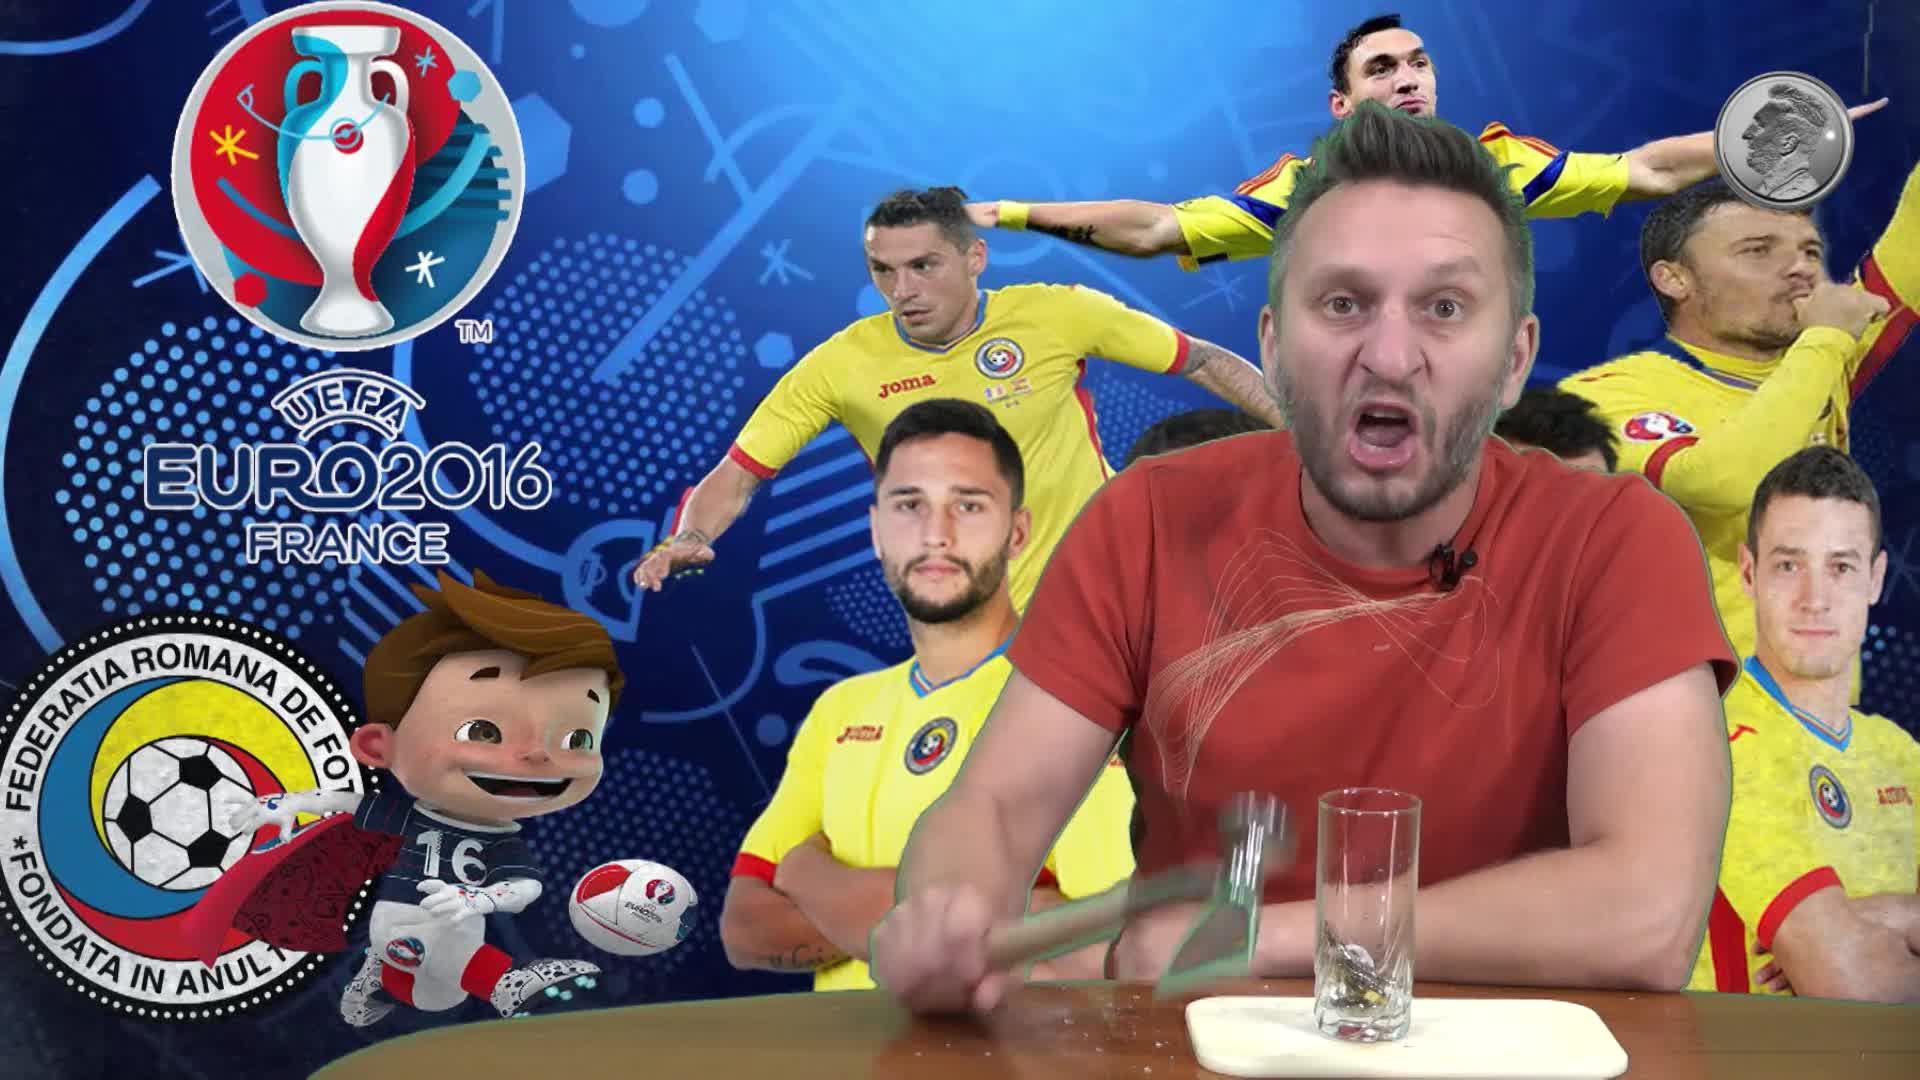 Tetelesport: Tetelu si Naţionala de fotbal